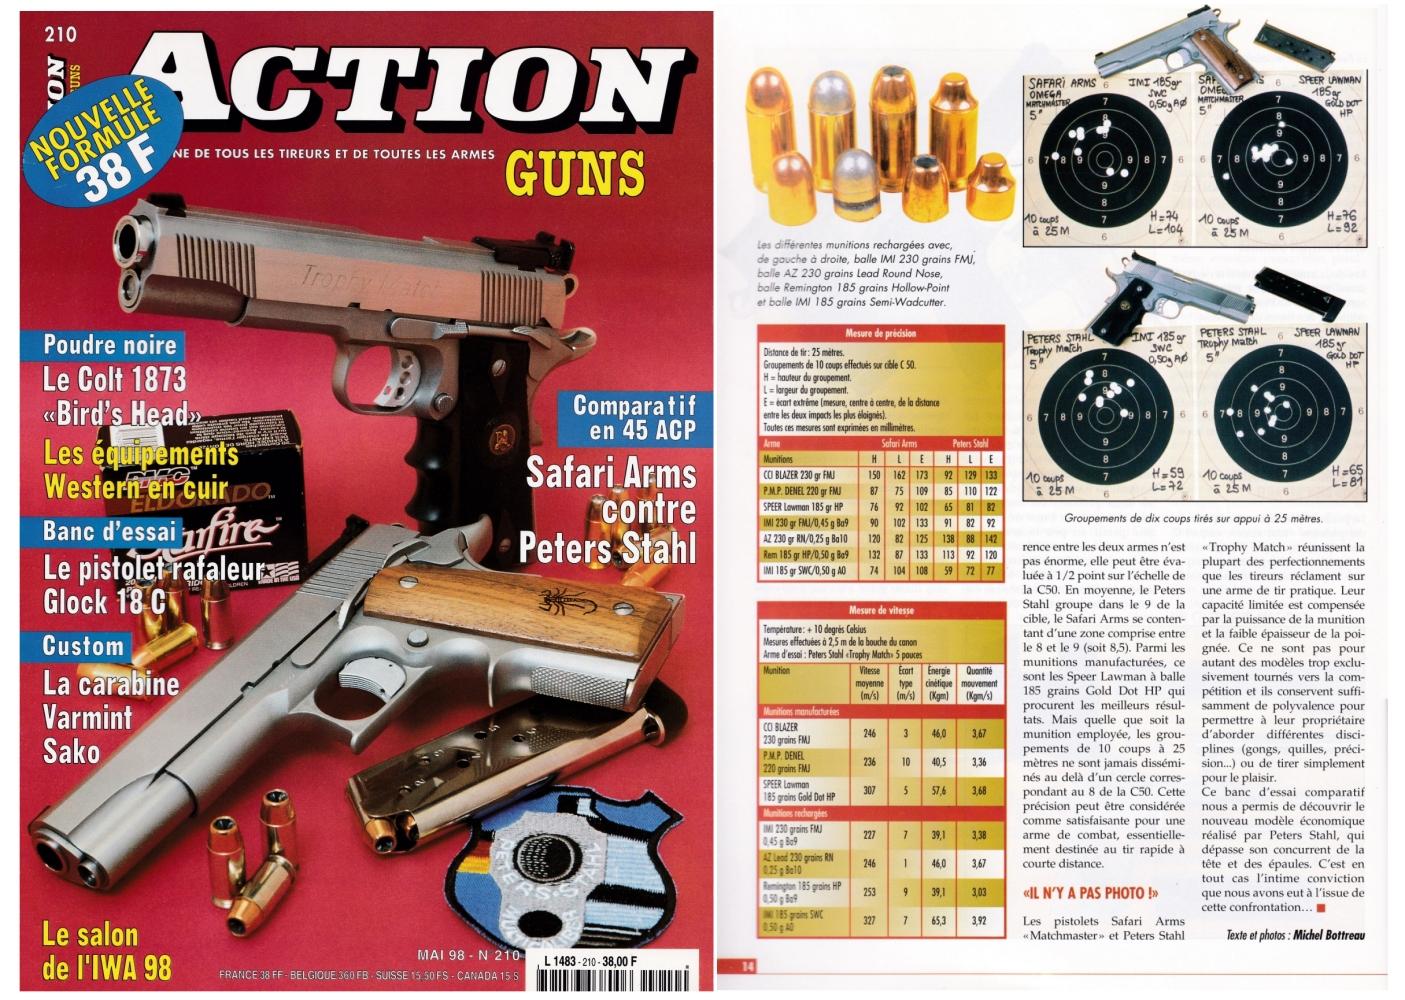 Le banc d'essai comparative des pistolets Safari Arms et Peters Stahl a été publié sur 7 pages dans le magazine Action Guns n°210 (mai 1998).